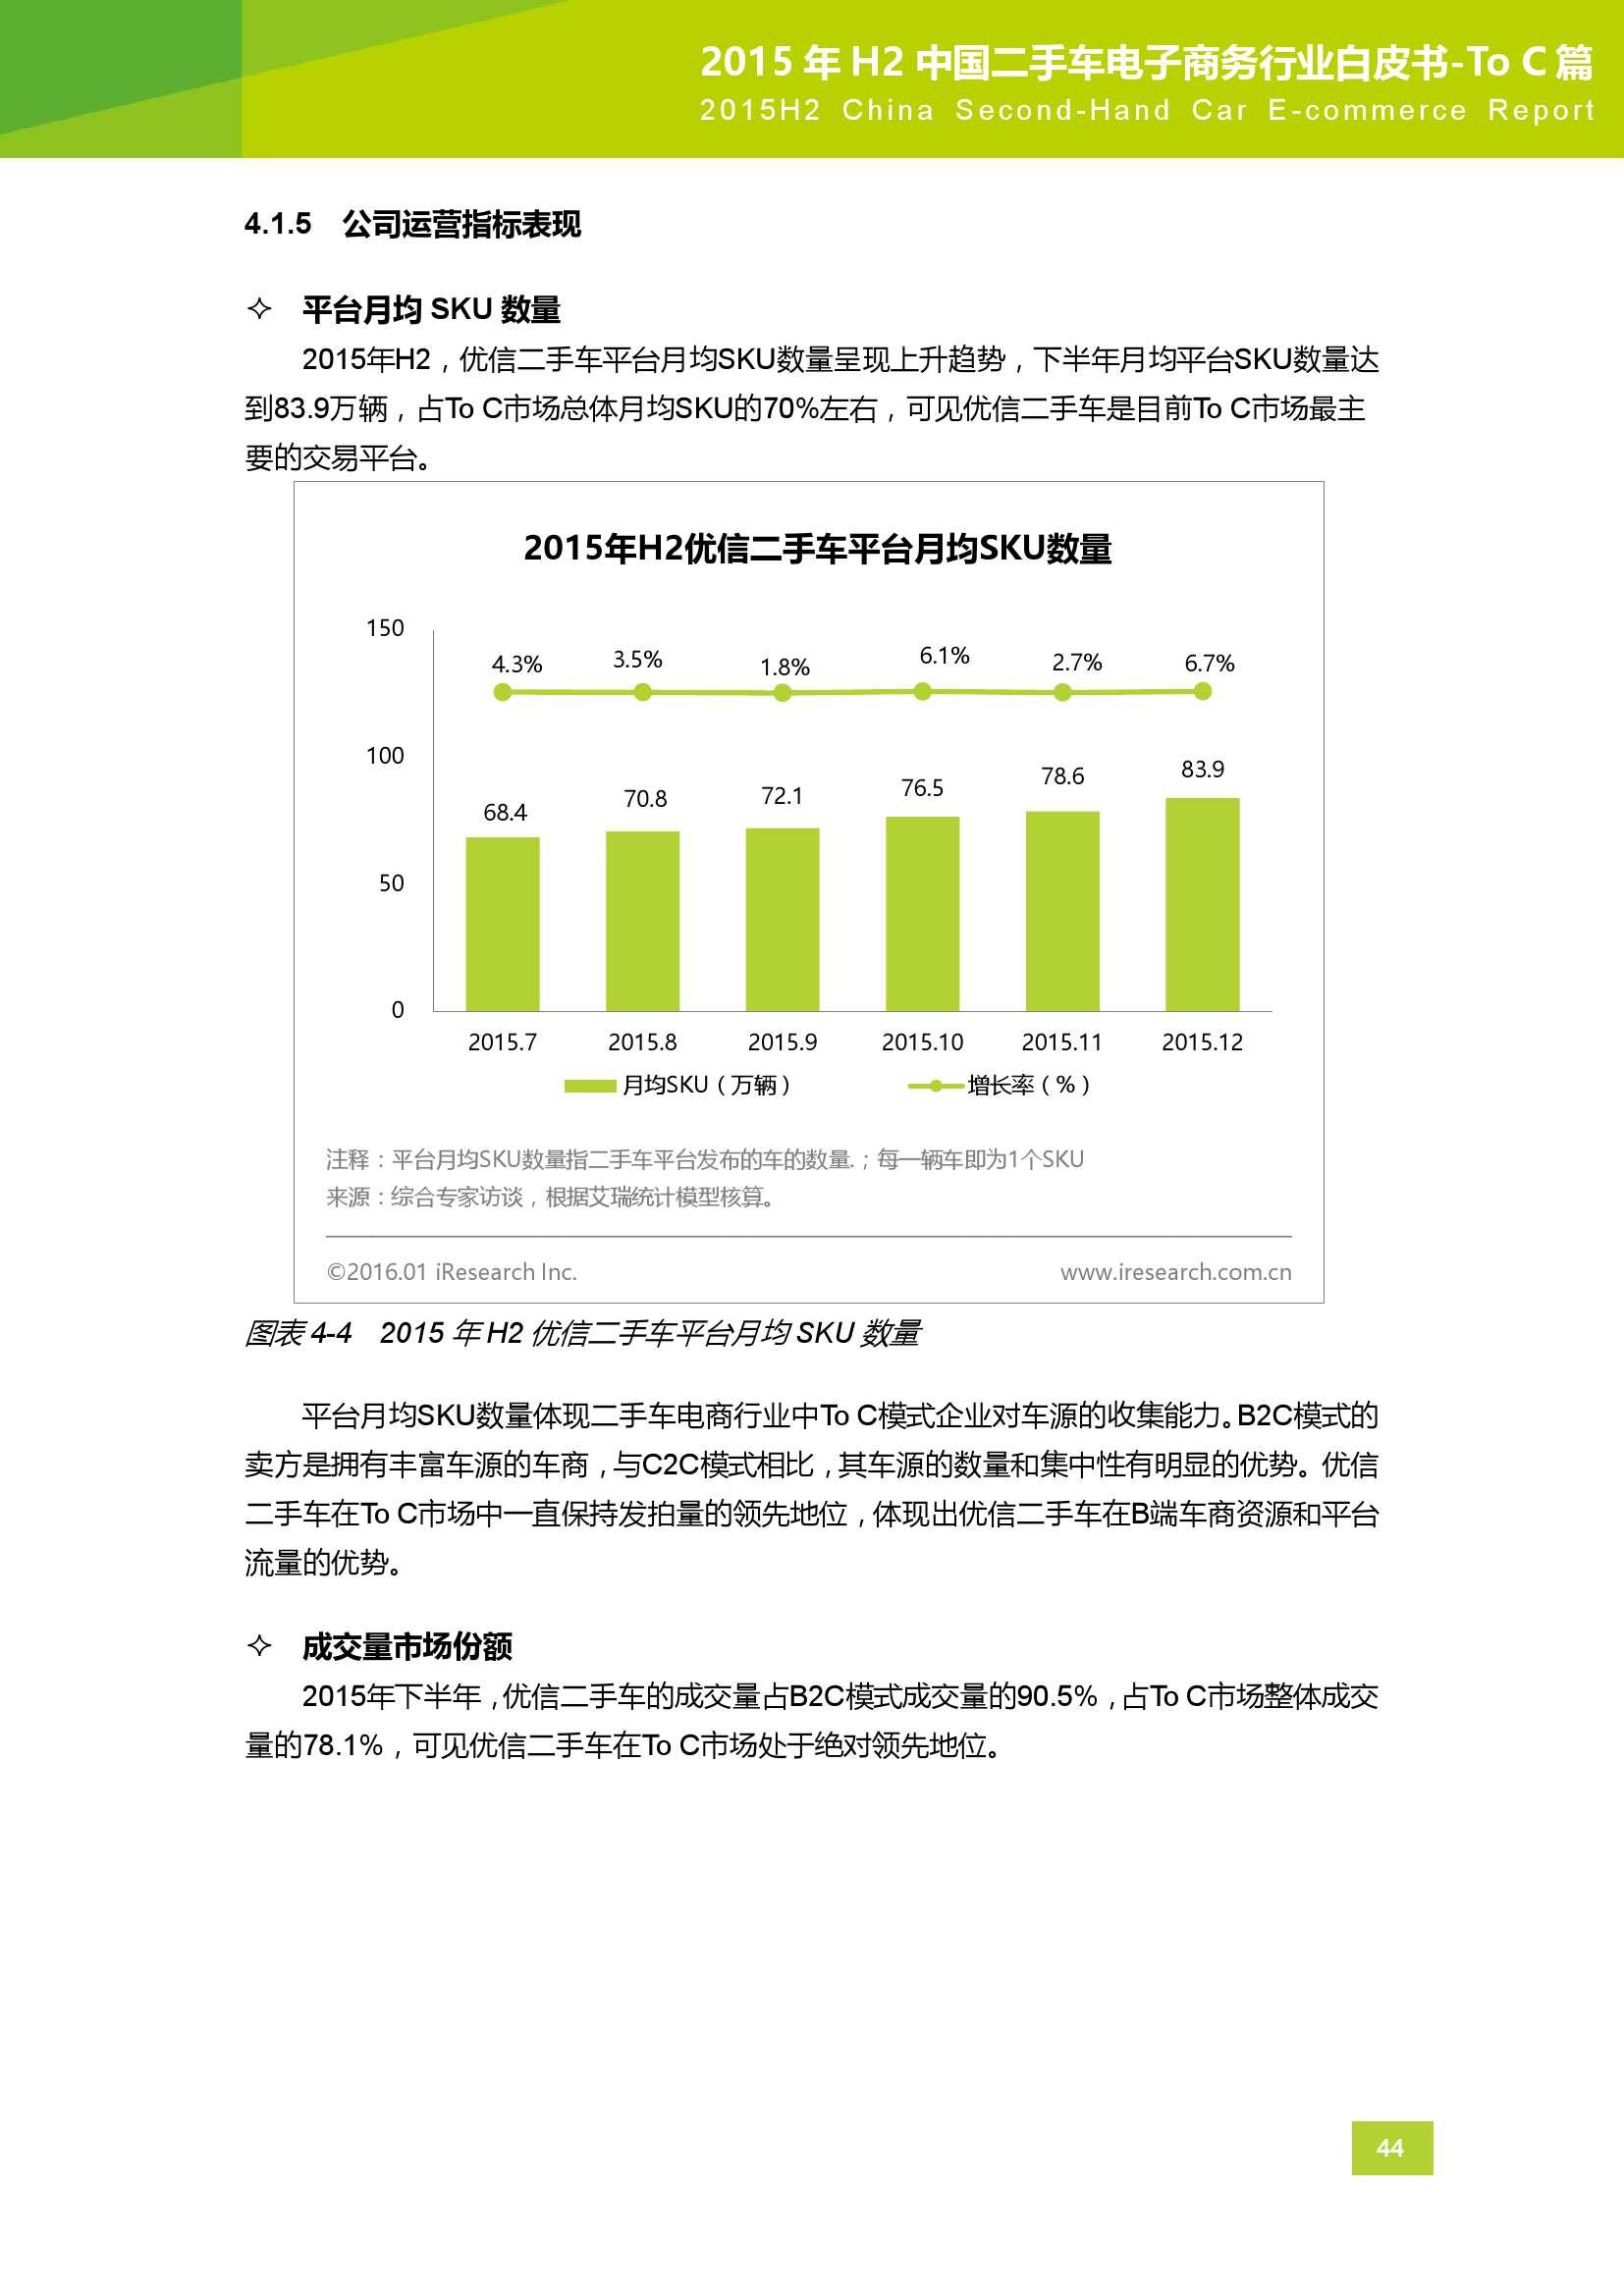 2015年H2中国二手车电子商务行业白皮书_000044